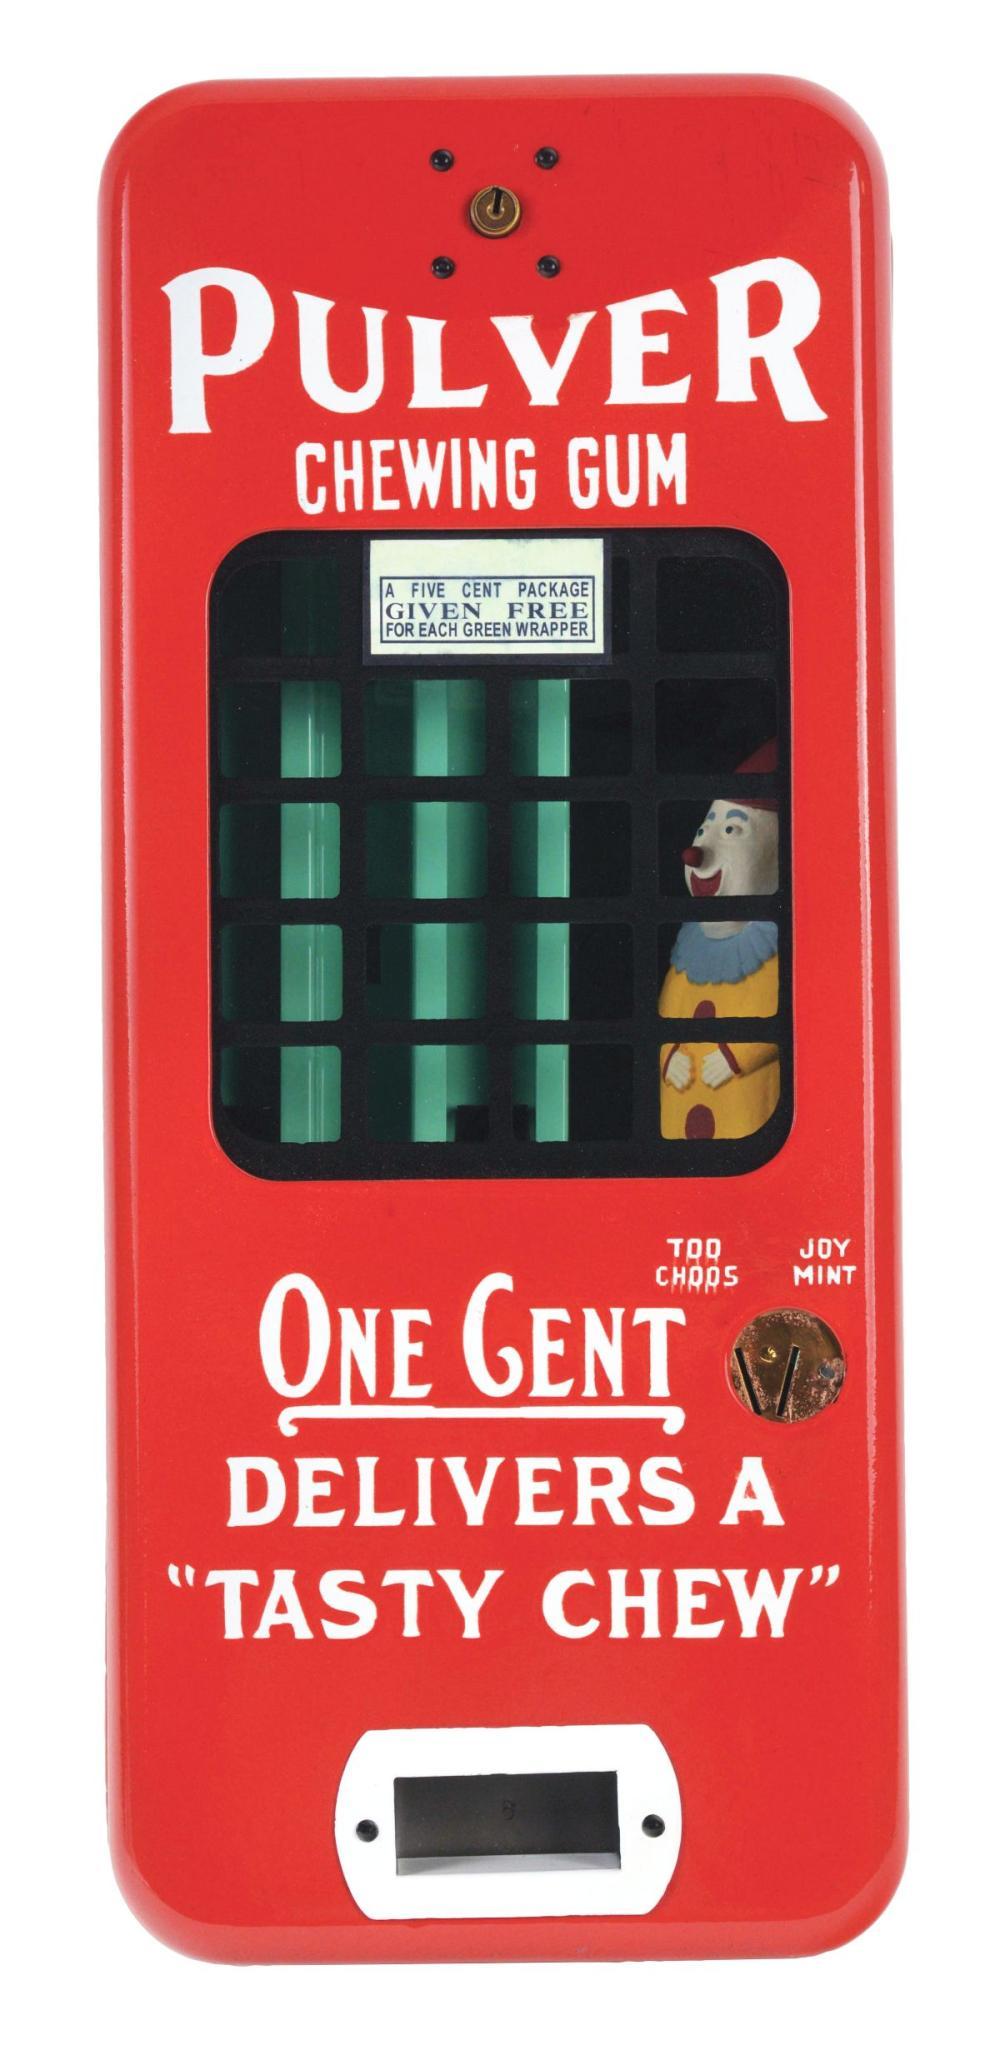 1¢ PULVER GUM MACHINE WITH CLOWN FIGURE.